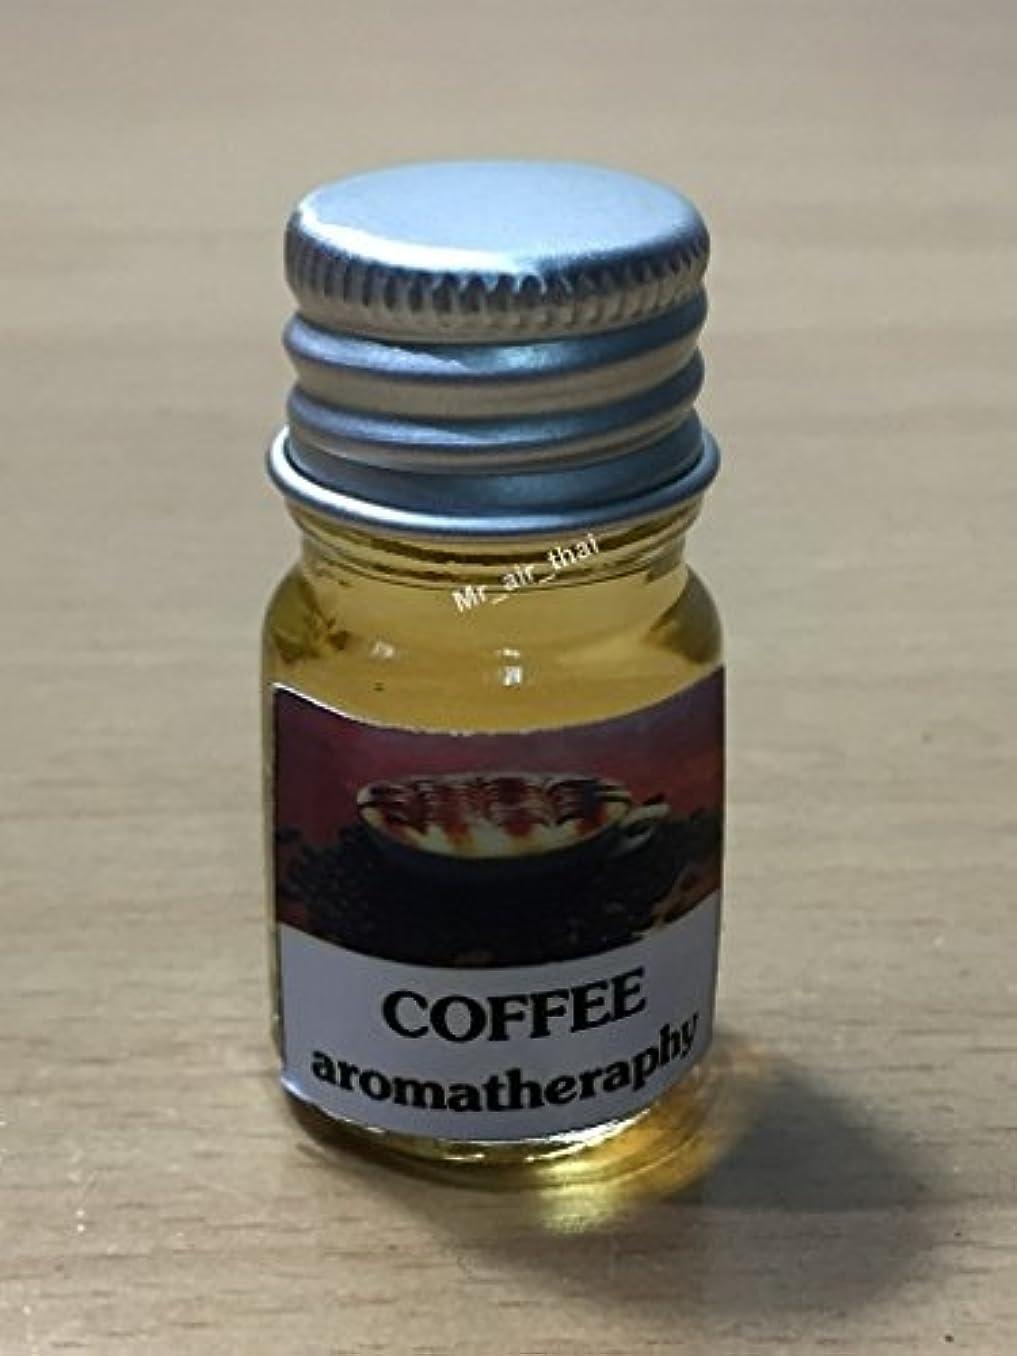 遺産フィットネス砦5ミリリットルアロマコーヒーフランクインセンスエッセンシャルオイルボトルアロマテラピーオイル自然自然5ml Aroma Coffee Frankincense Essential Oil Bottles Aromatherapy...